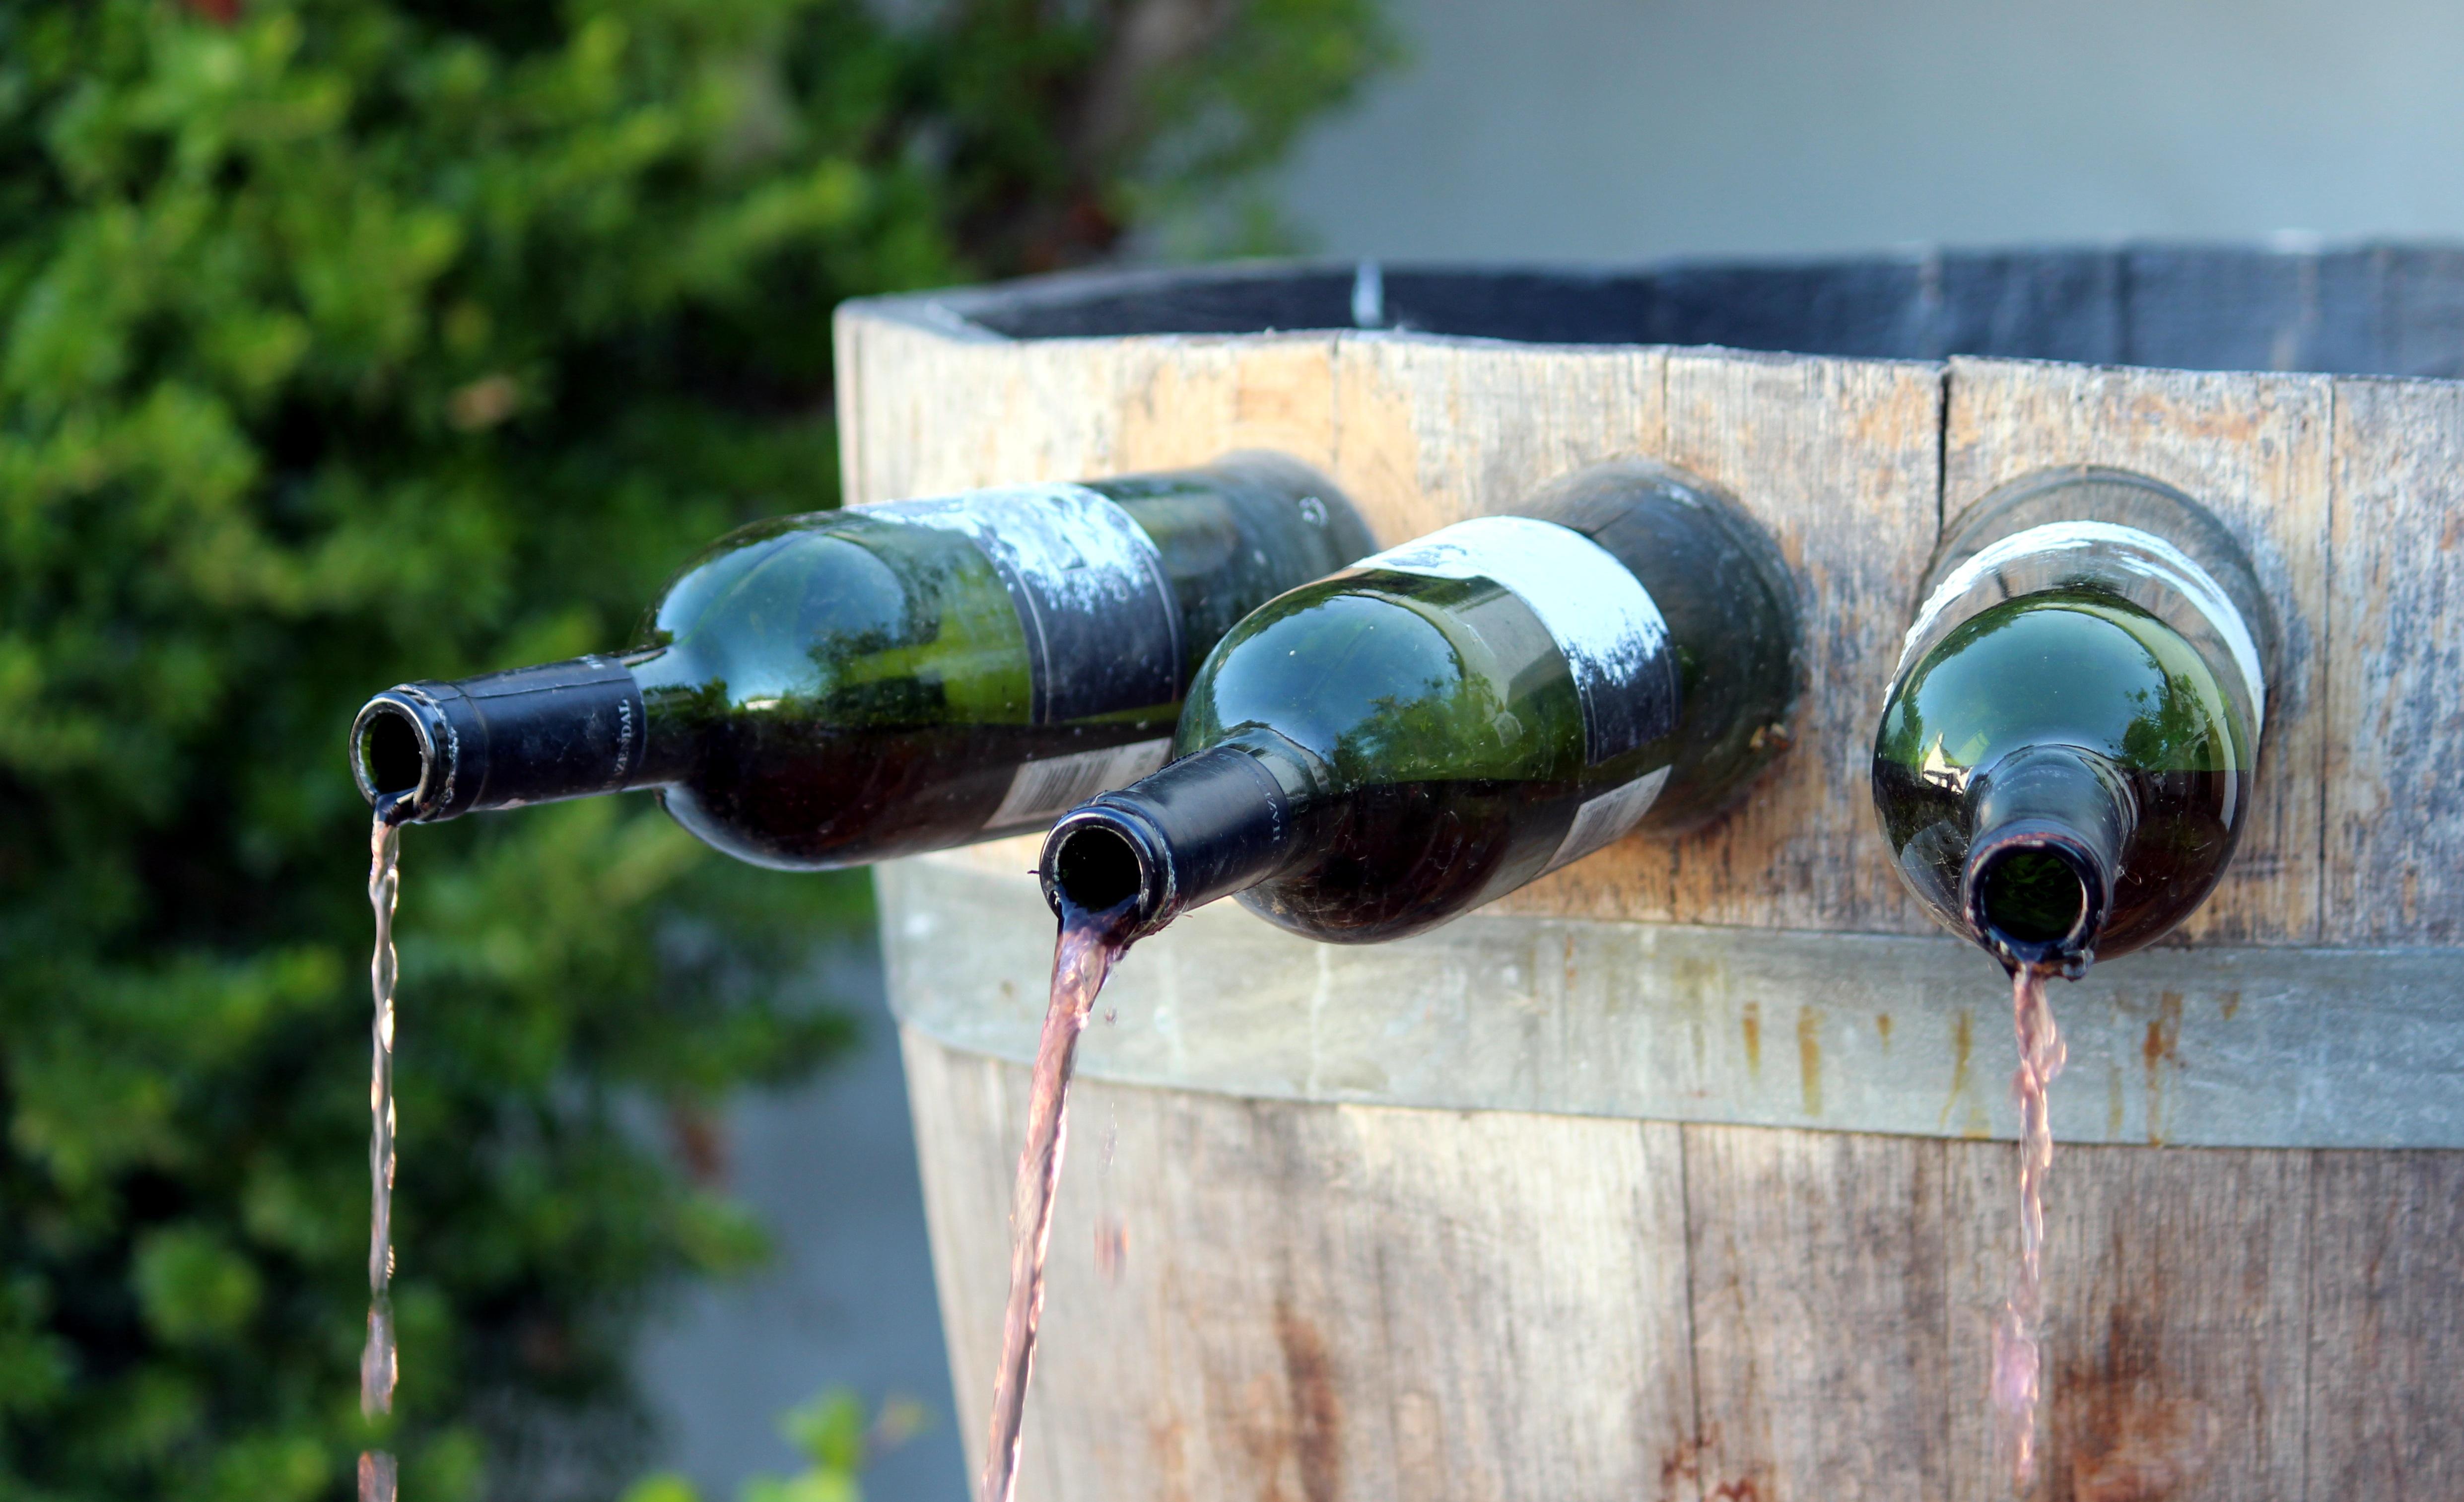 Deco Tonneau De Vin images gratuites : courir, décoration, vert, couler, couleur